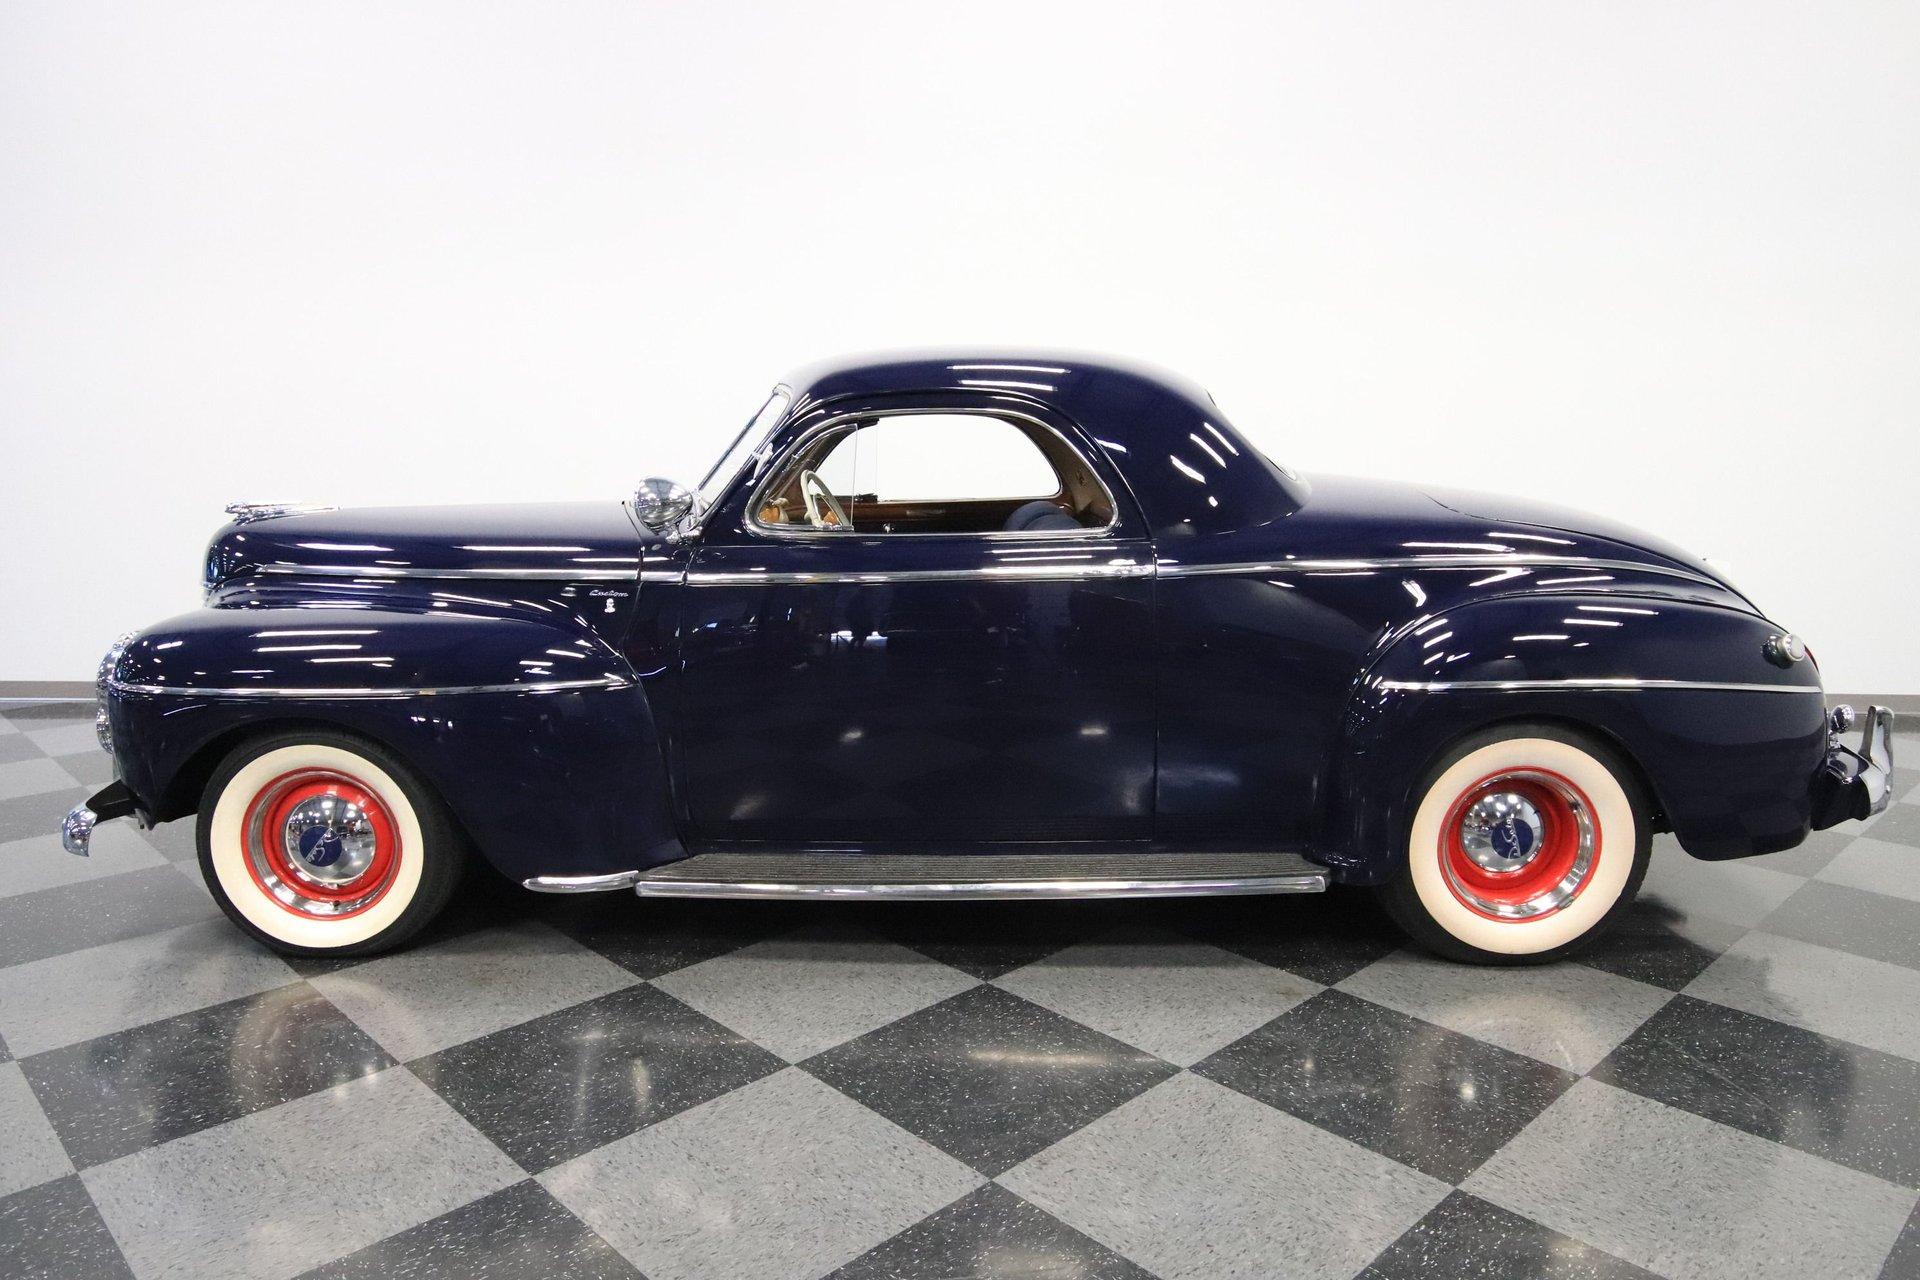 1941 desoto coupe